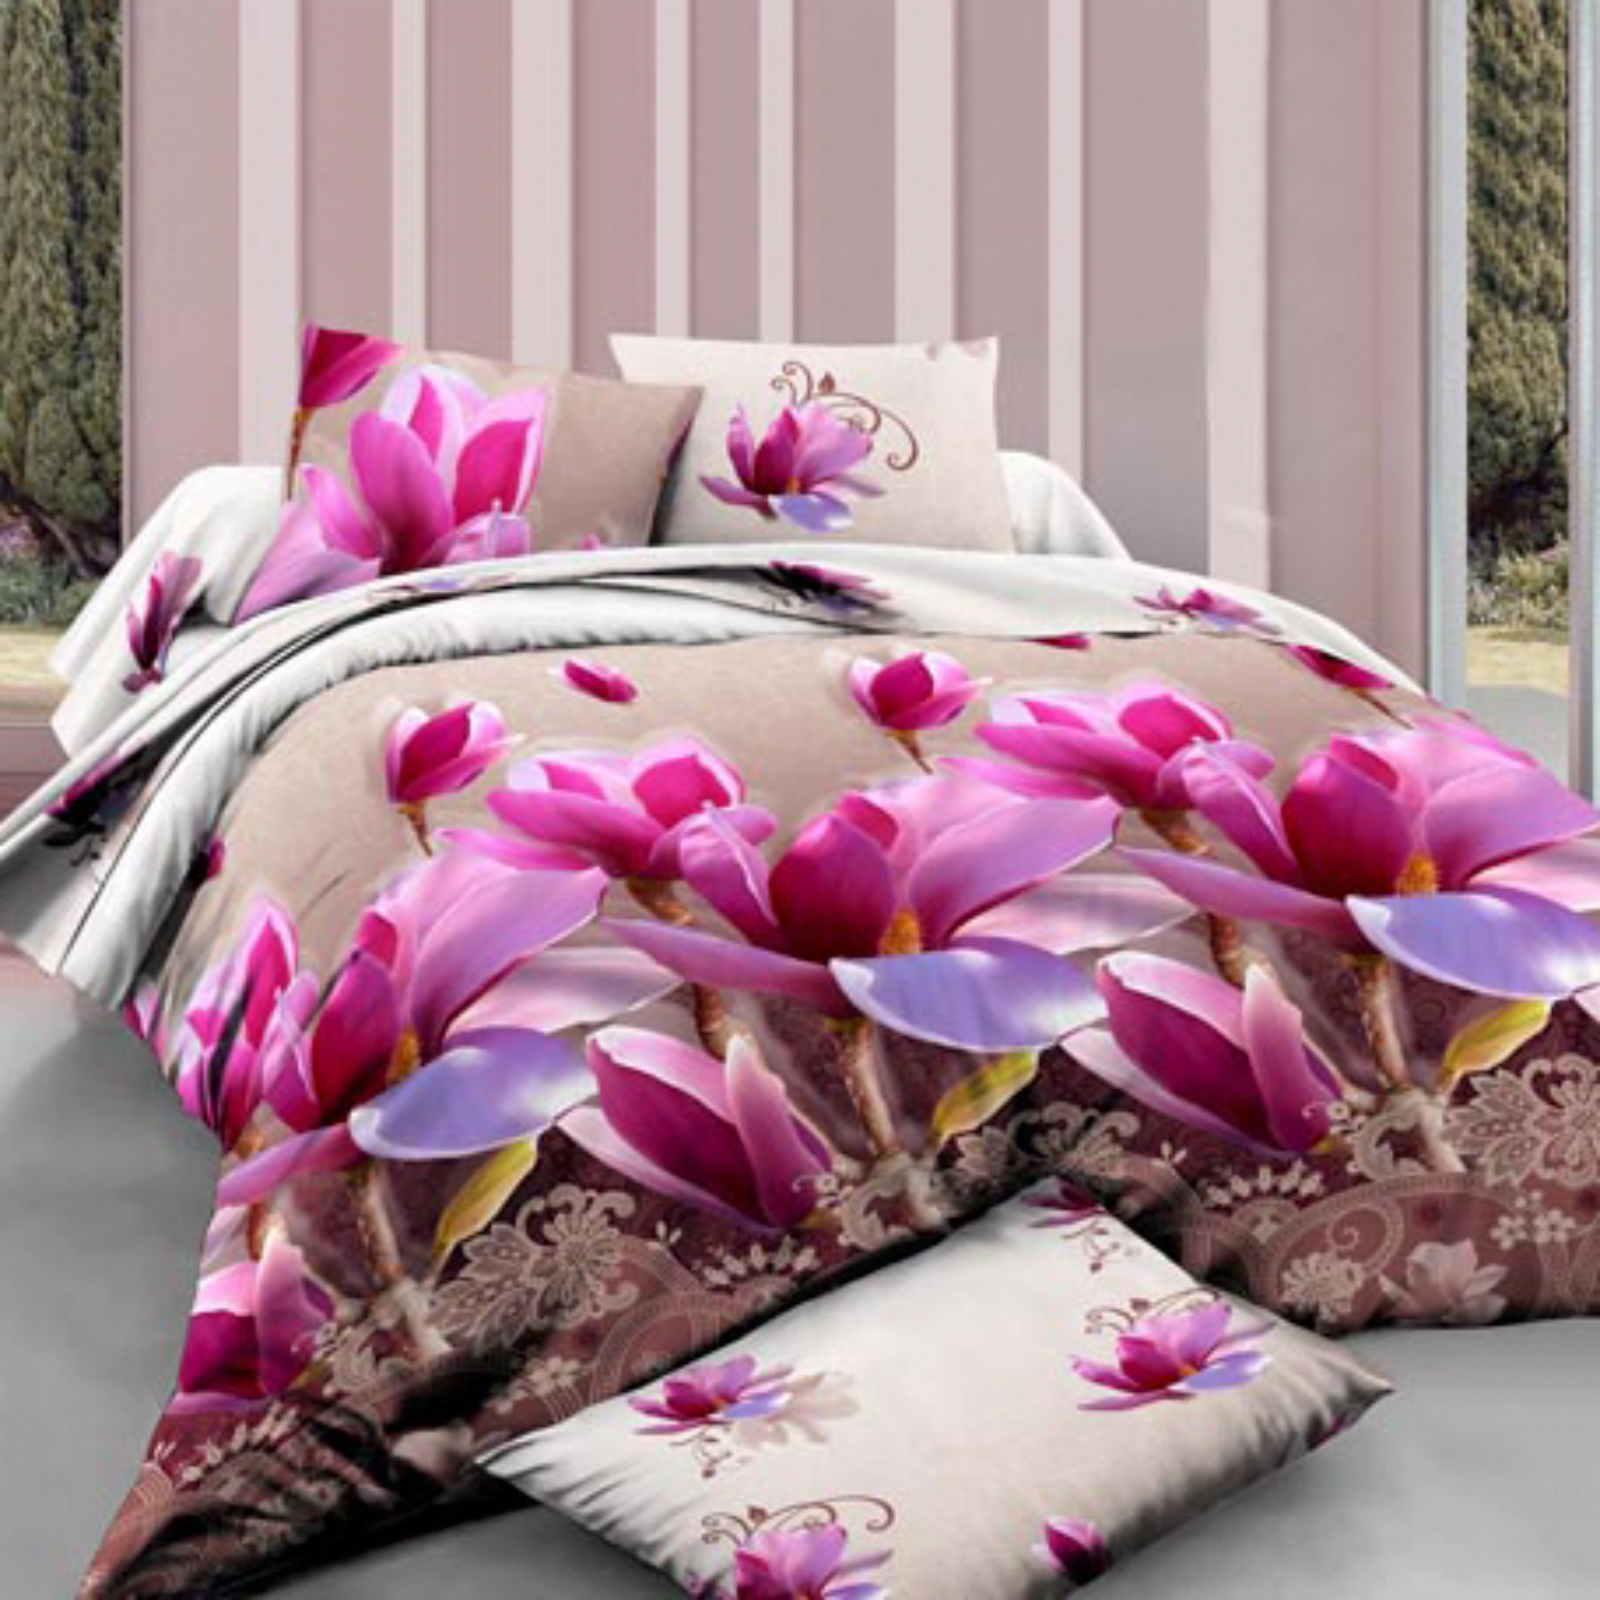 Комплект постельного белья «Розовые магнолии»